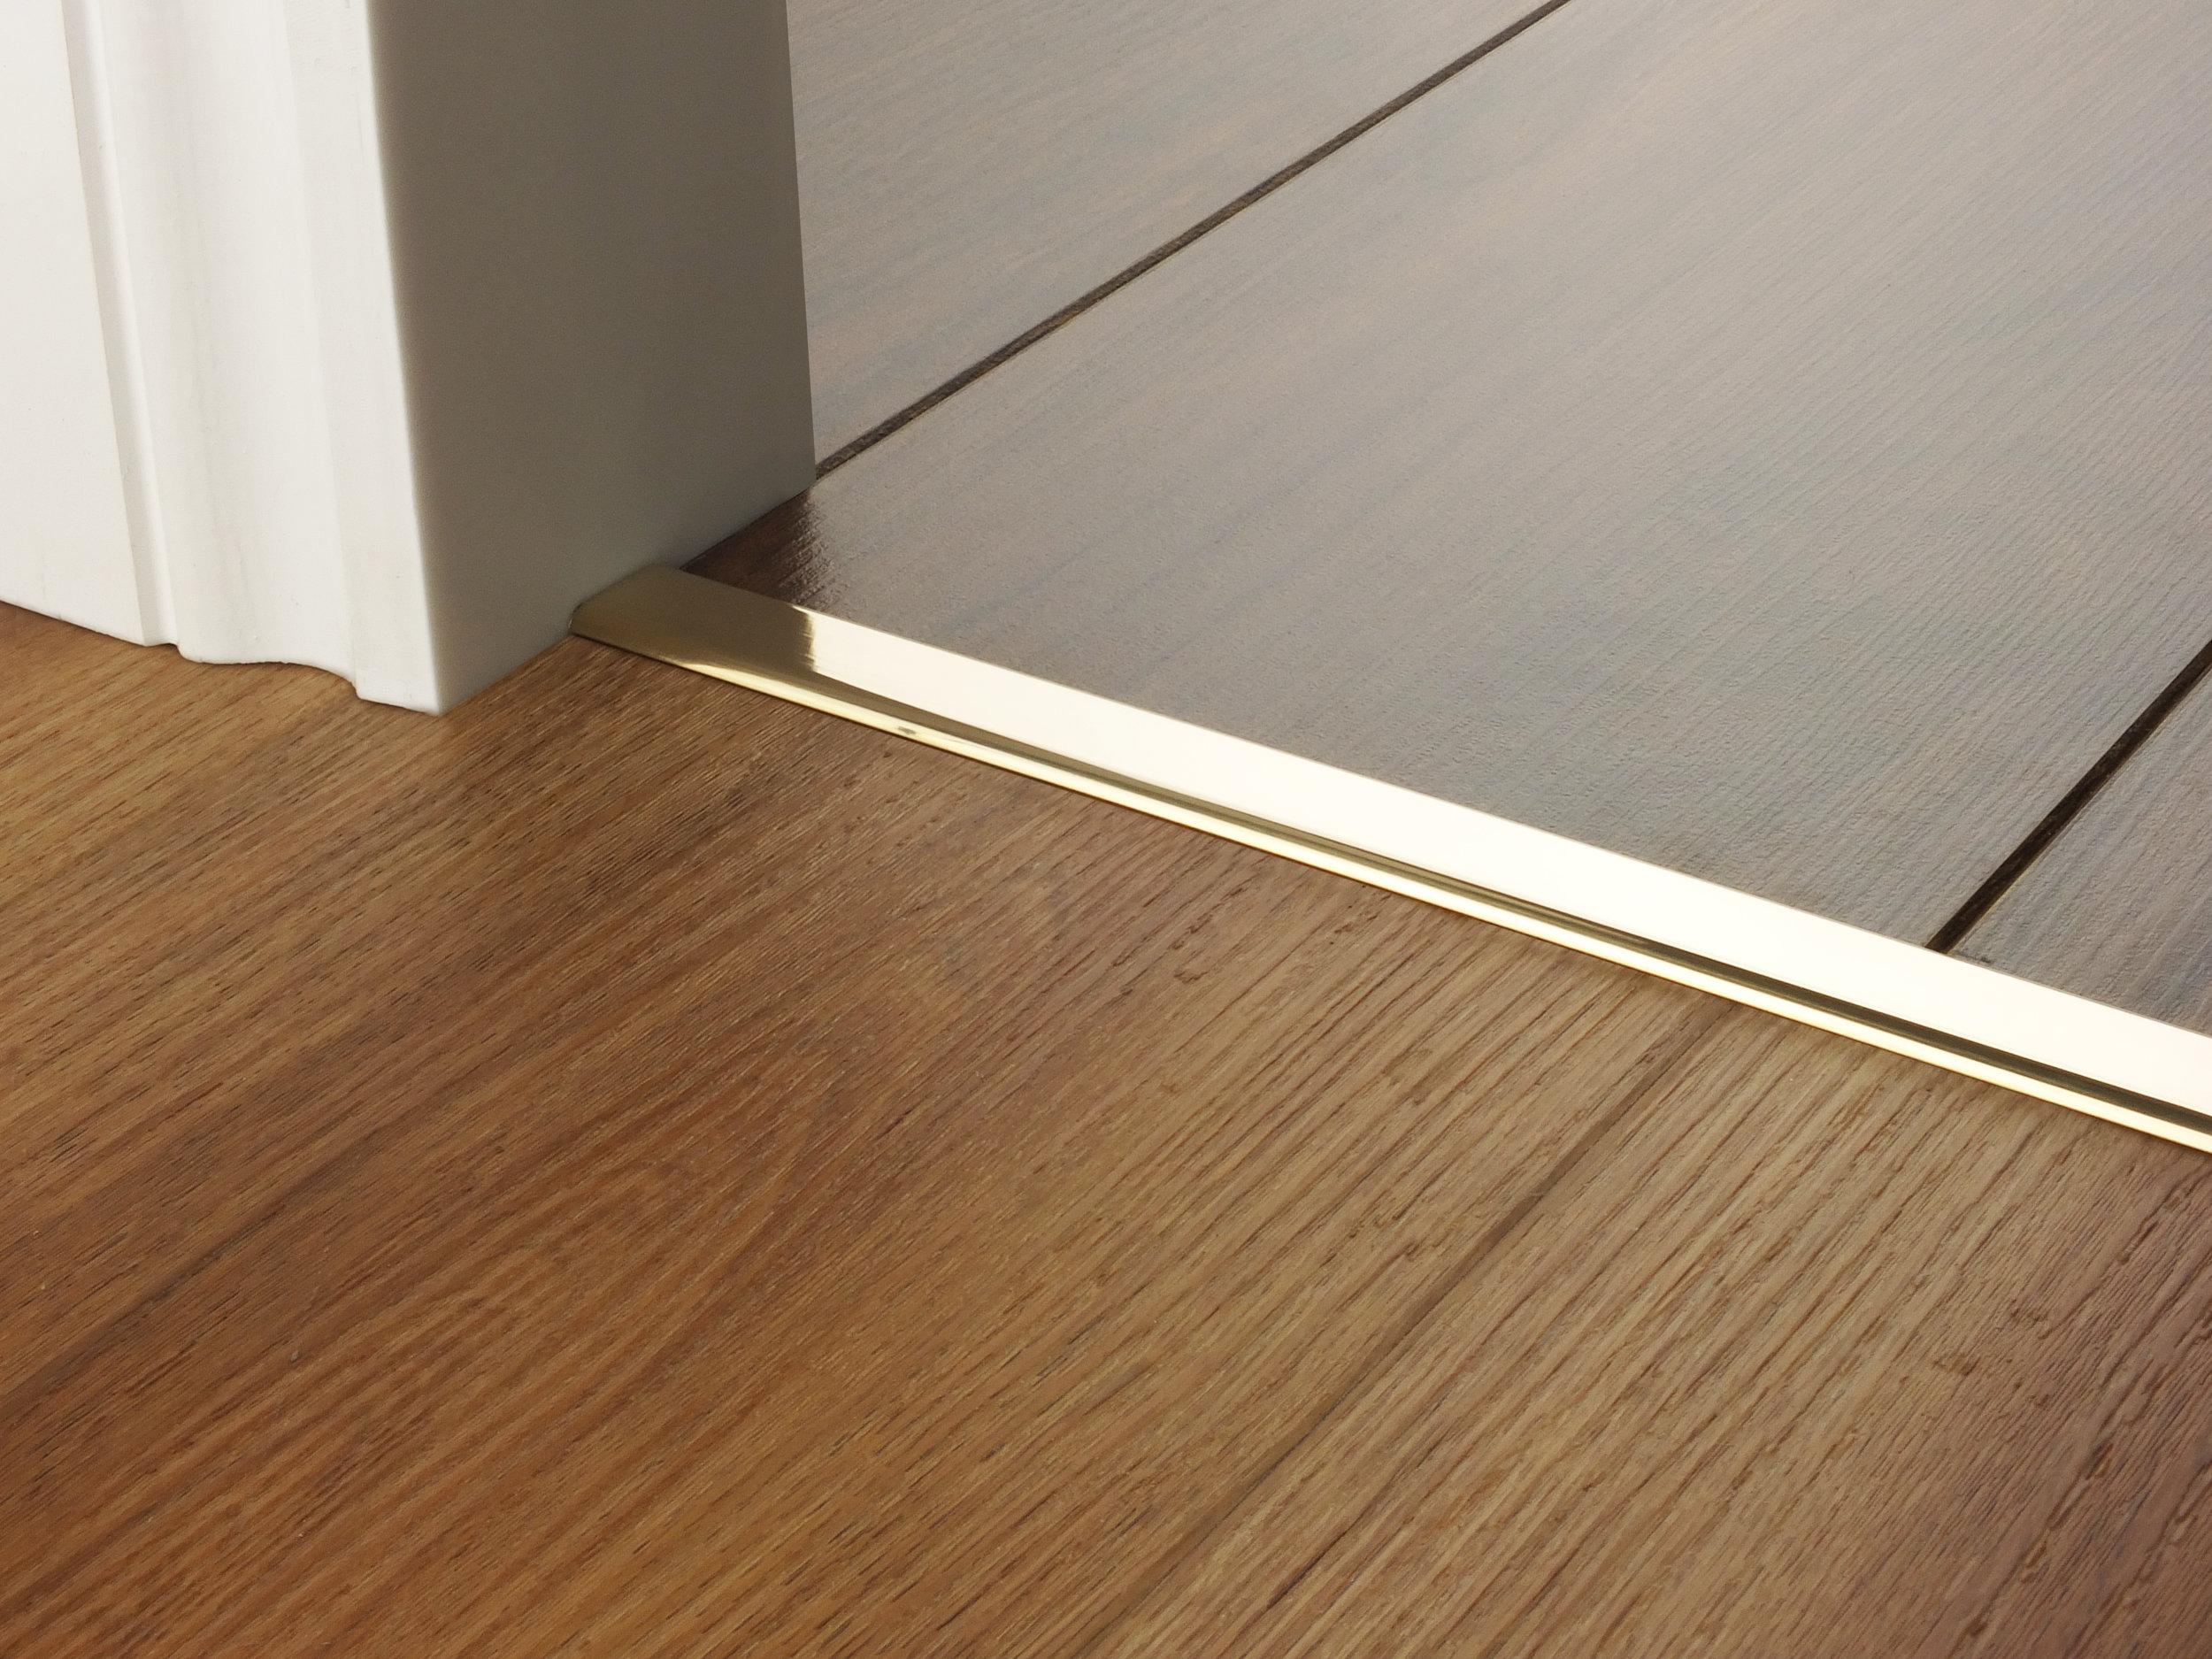 door_bar_floating_cover1_brass.jpg